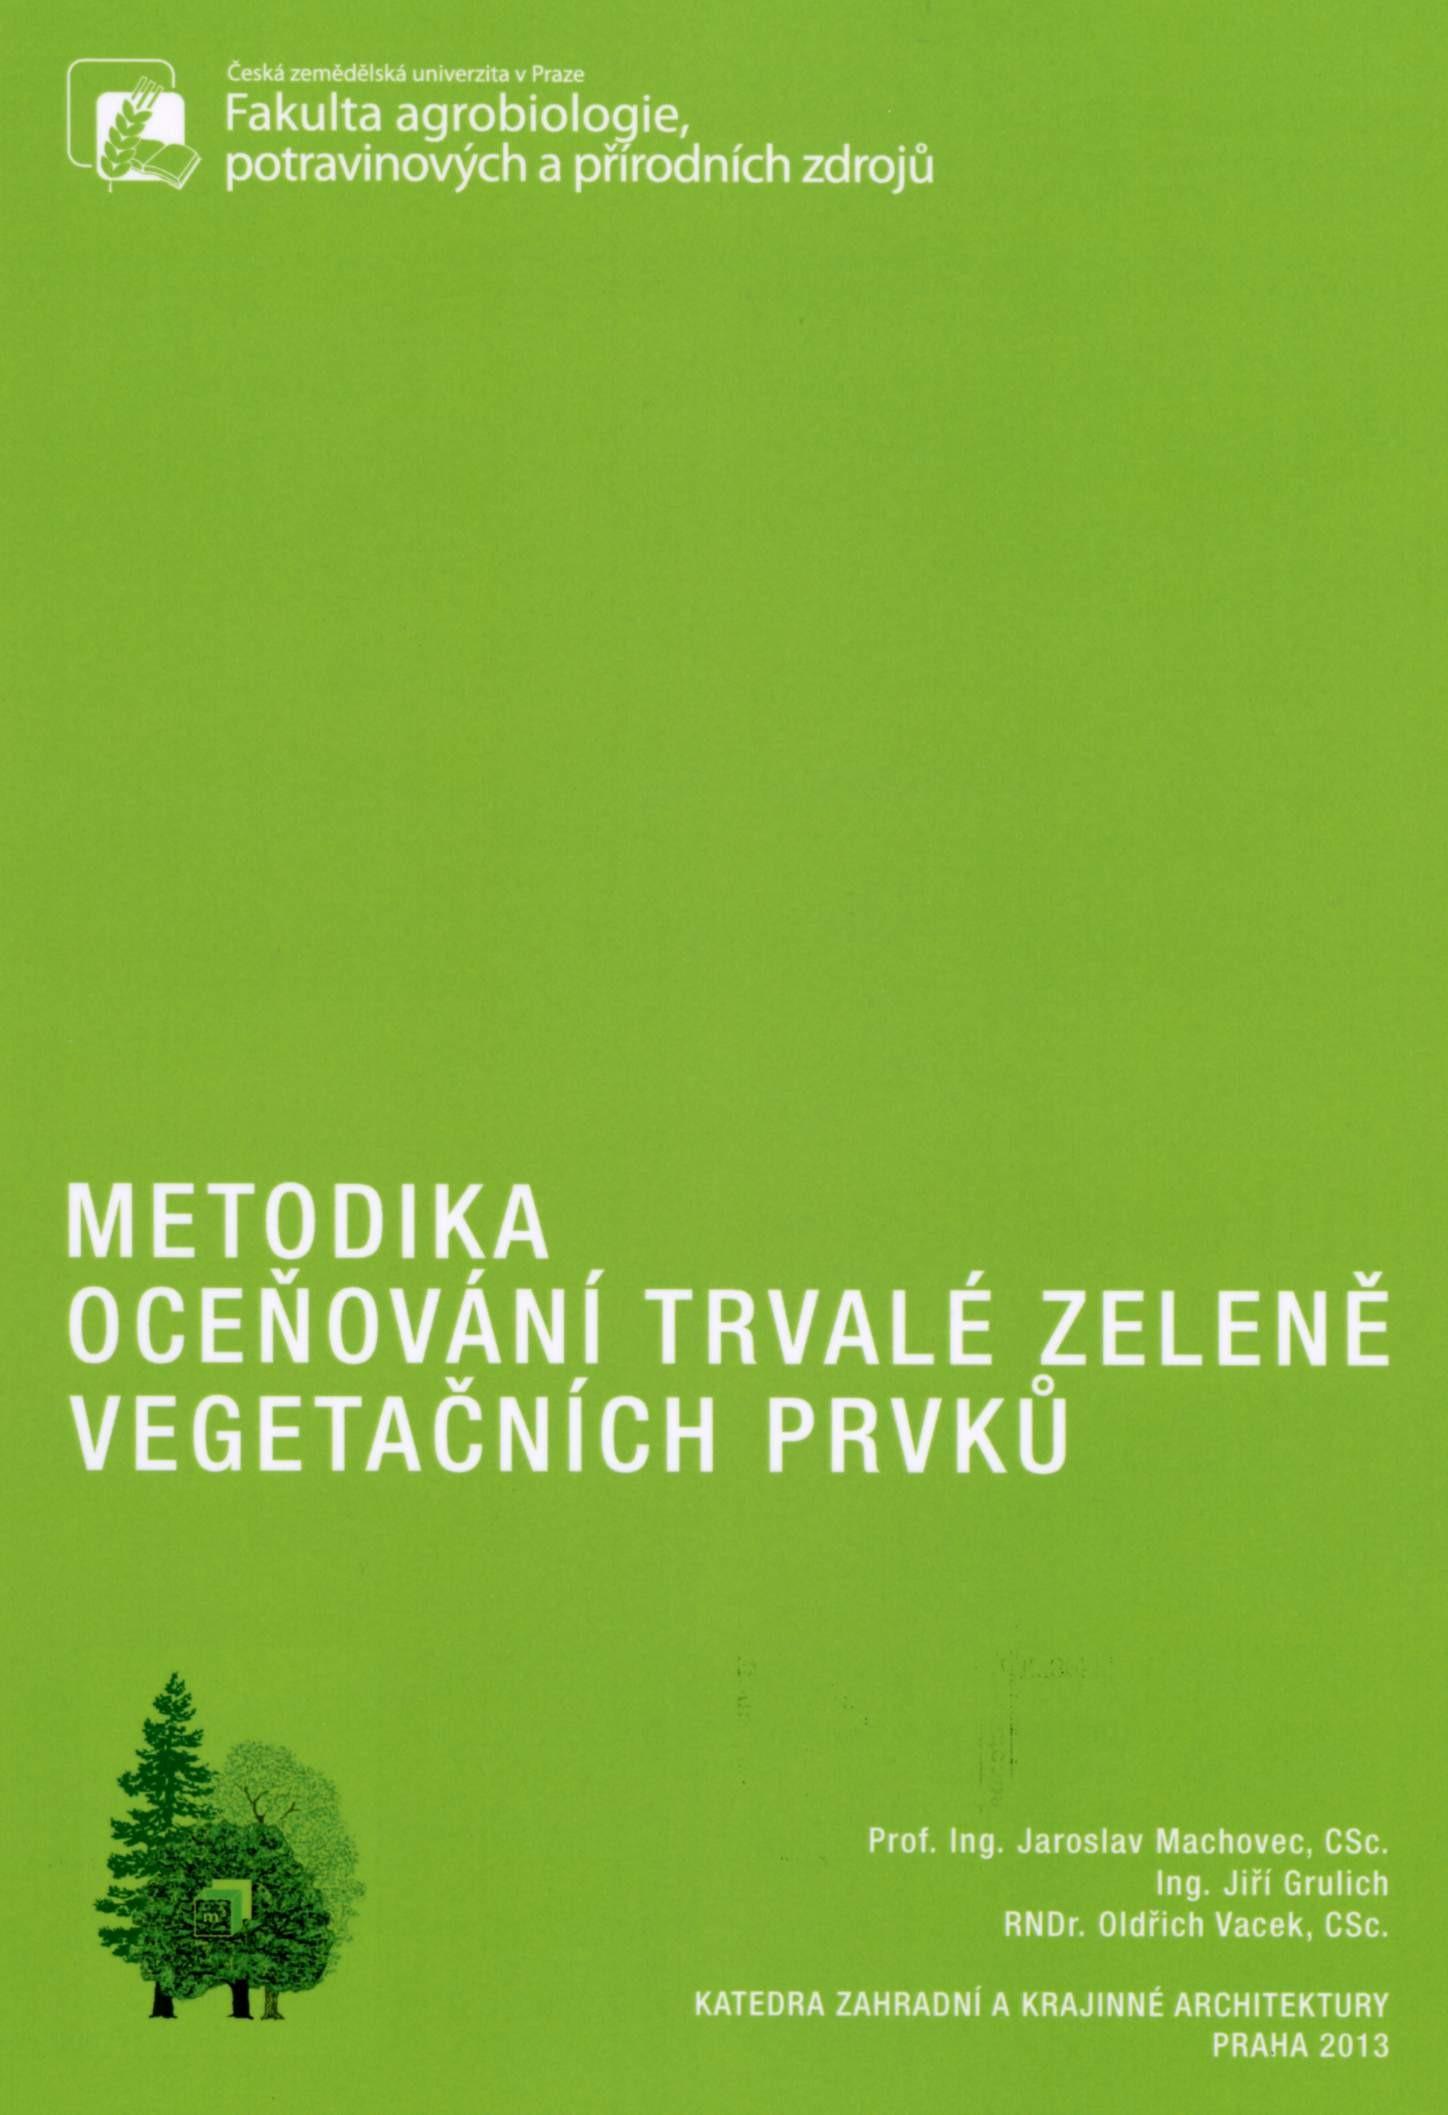 Metodika oceňování trvalé zeleně vegetačních prvků